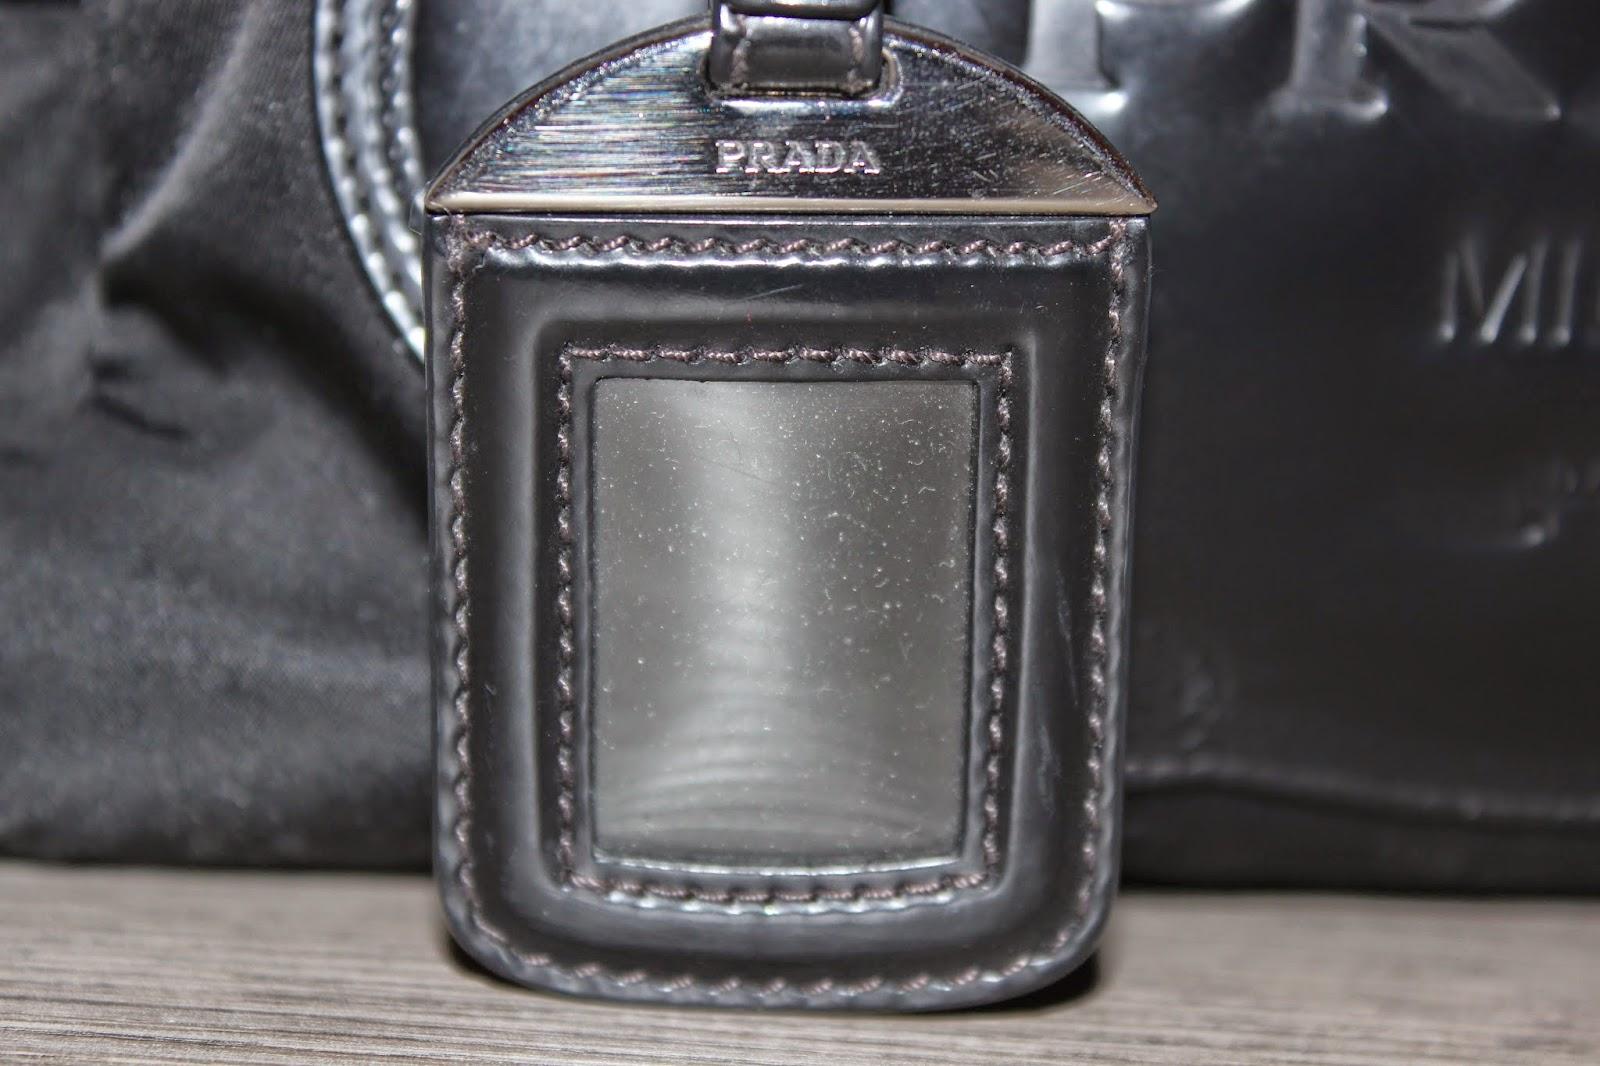 6f208c6ade Le parti metalliche (cerniera, portanome, lucchetto, altro..) devono essere  logate, ovvero riportare la scritta Prada. Ecco alcune foto.